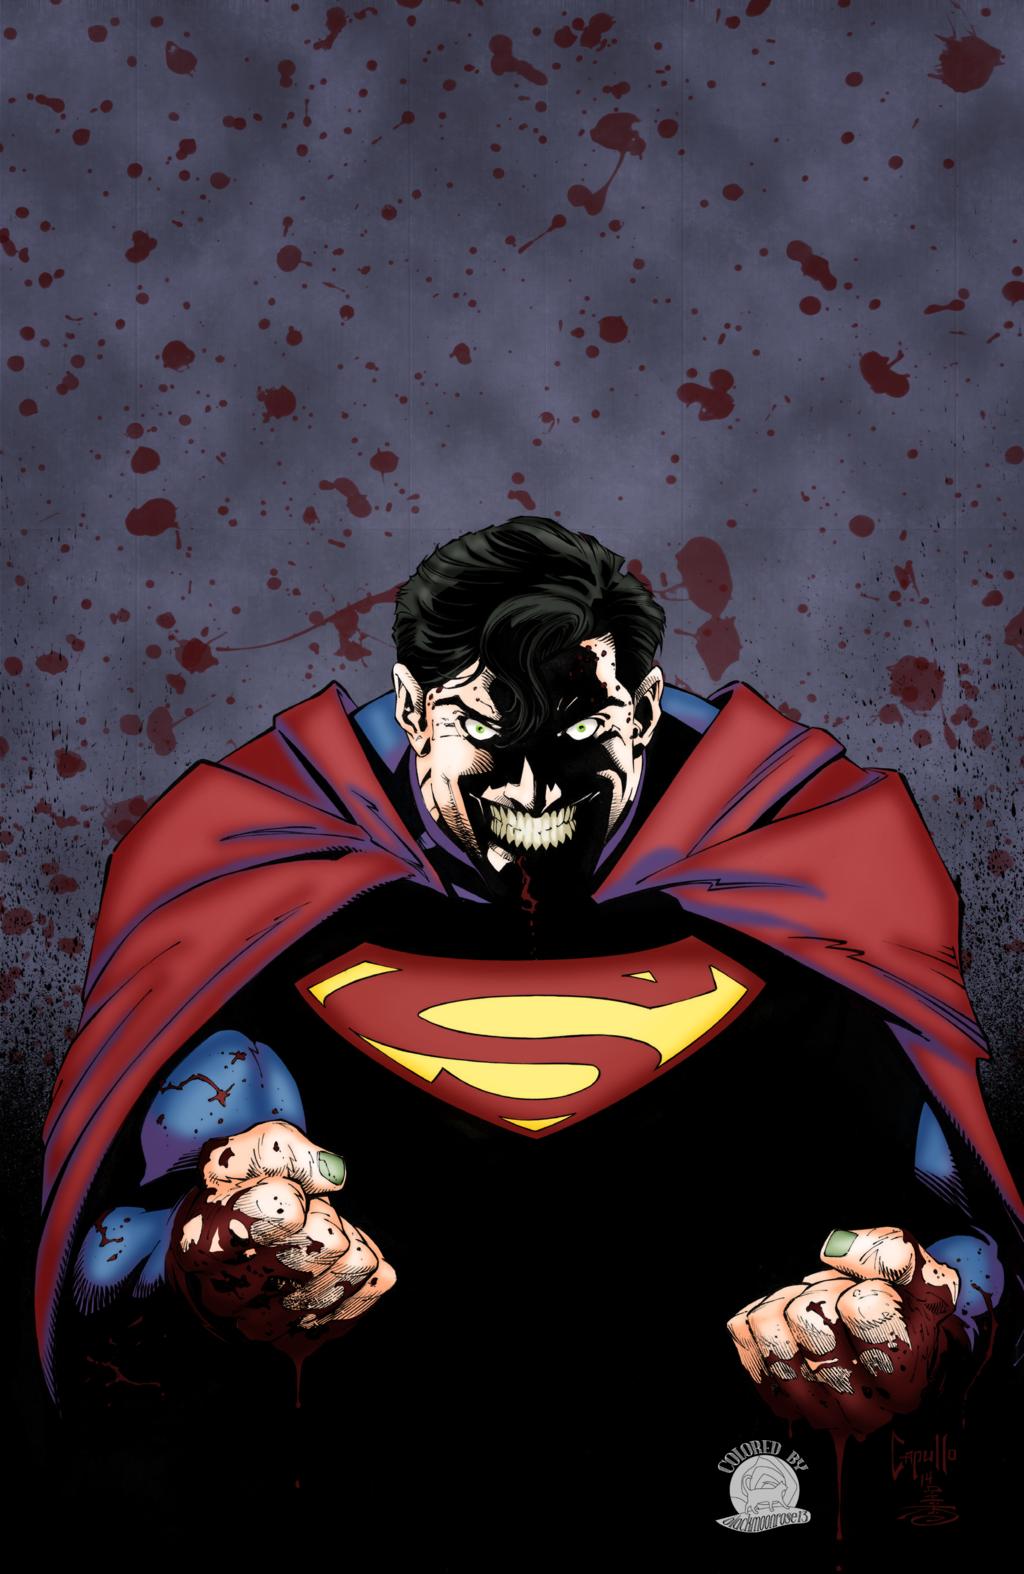 Joker Fied Superman